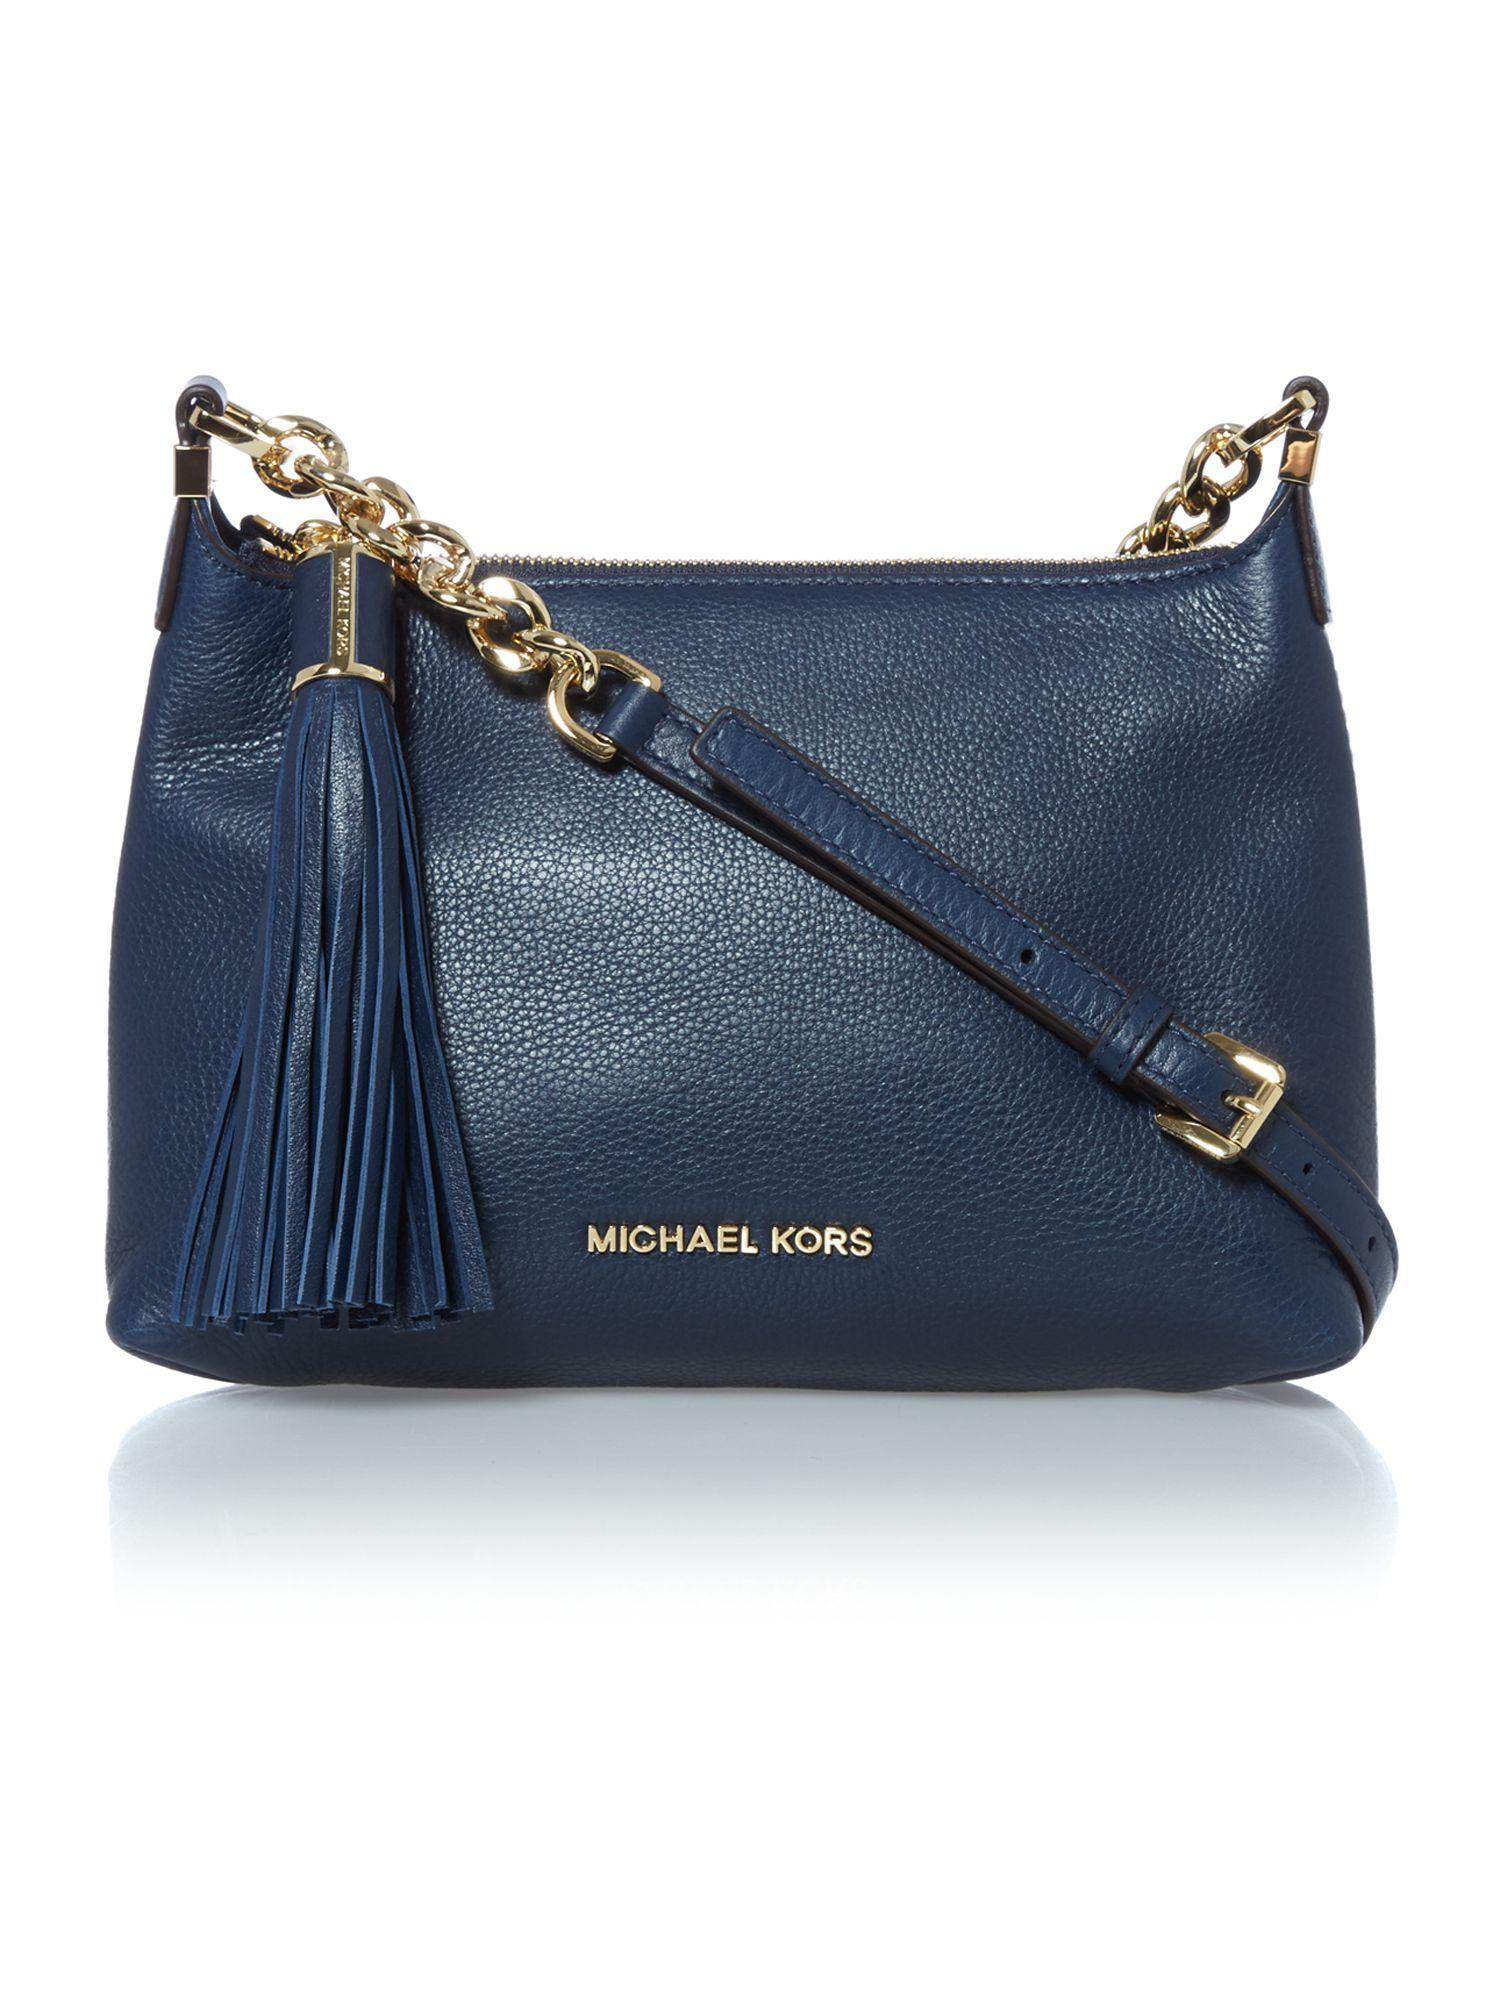 michael kors weston navy zip top cross body bag in blue